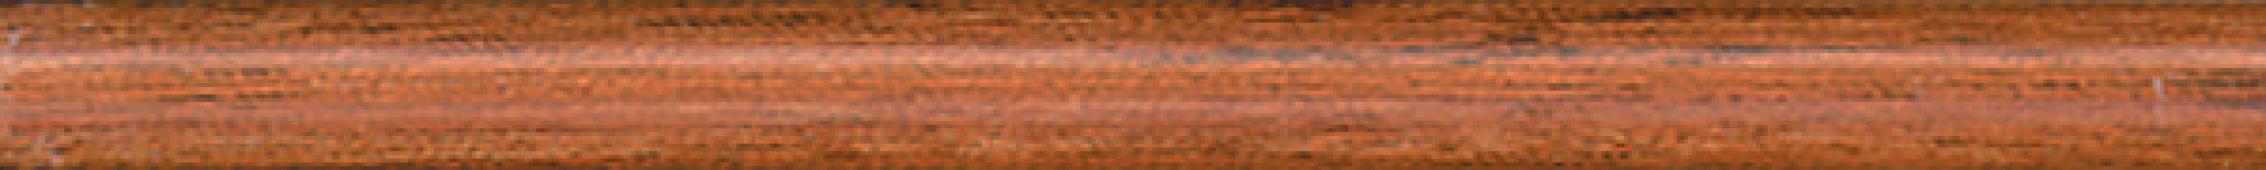 PFC002 Карандаш Дерево коричневый матовый